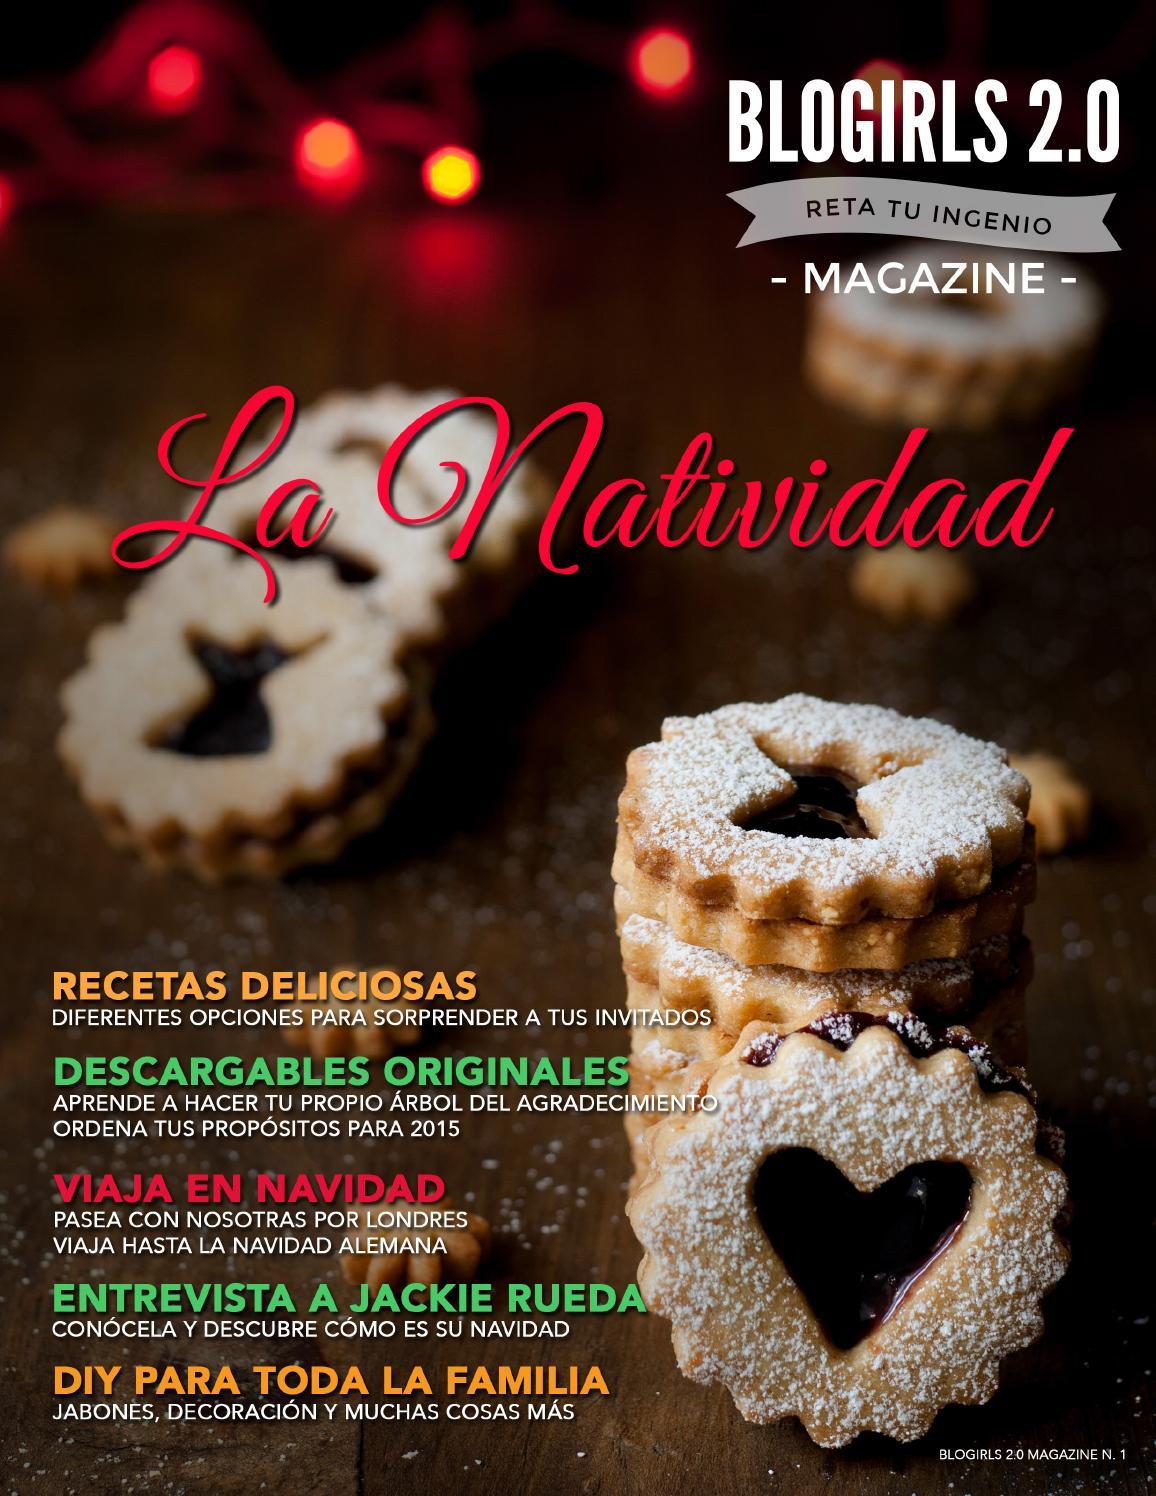 La Natividad - MAGAZINE #1 by Blogirls 2.0 | Revista Online - issuu